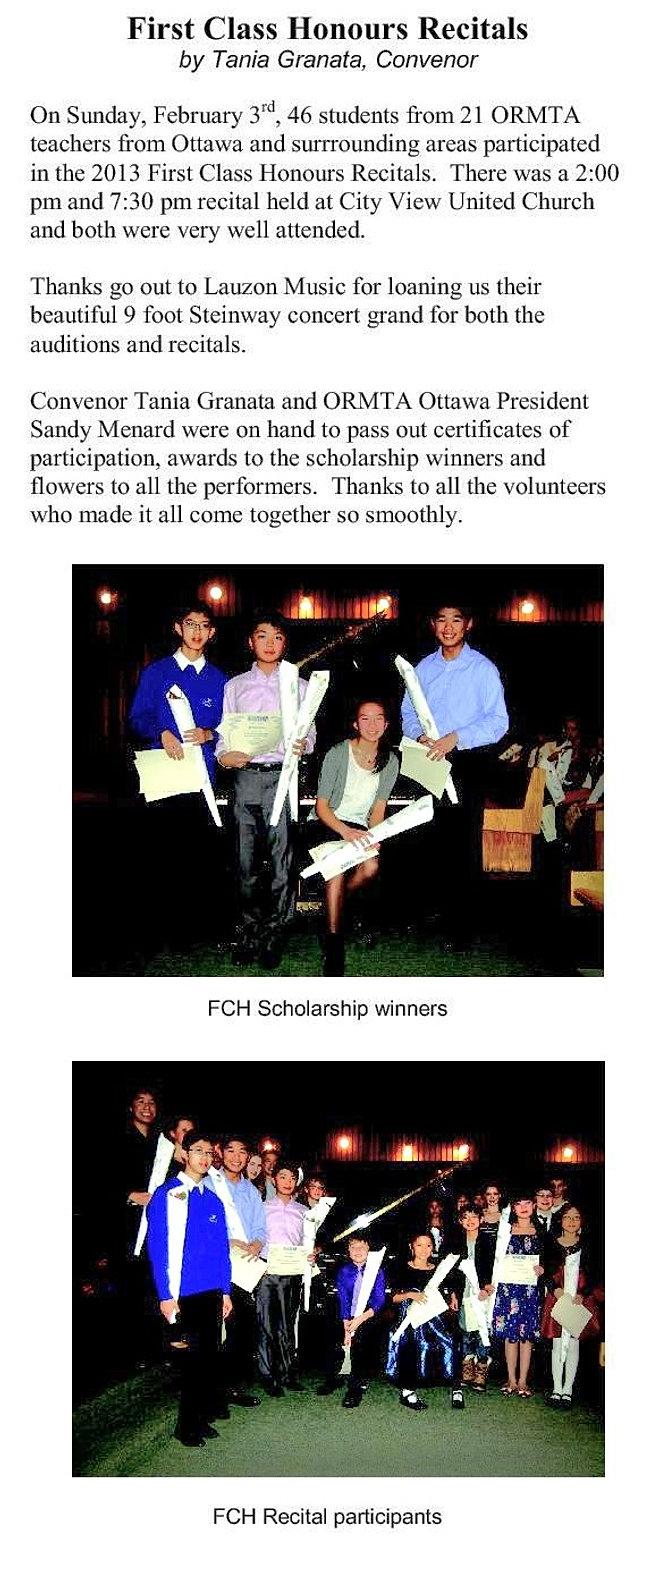 ormta music teachers lessons ottawa first class honours recital 2013